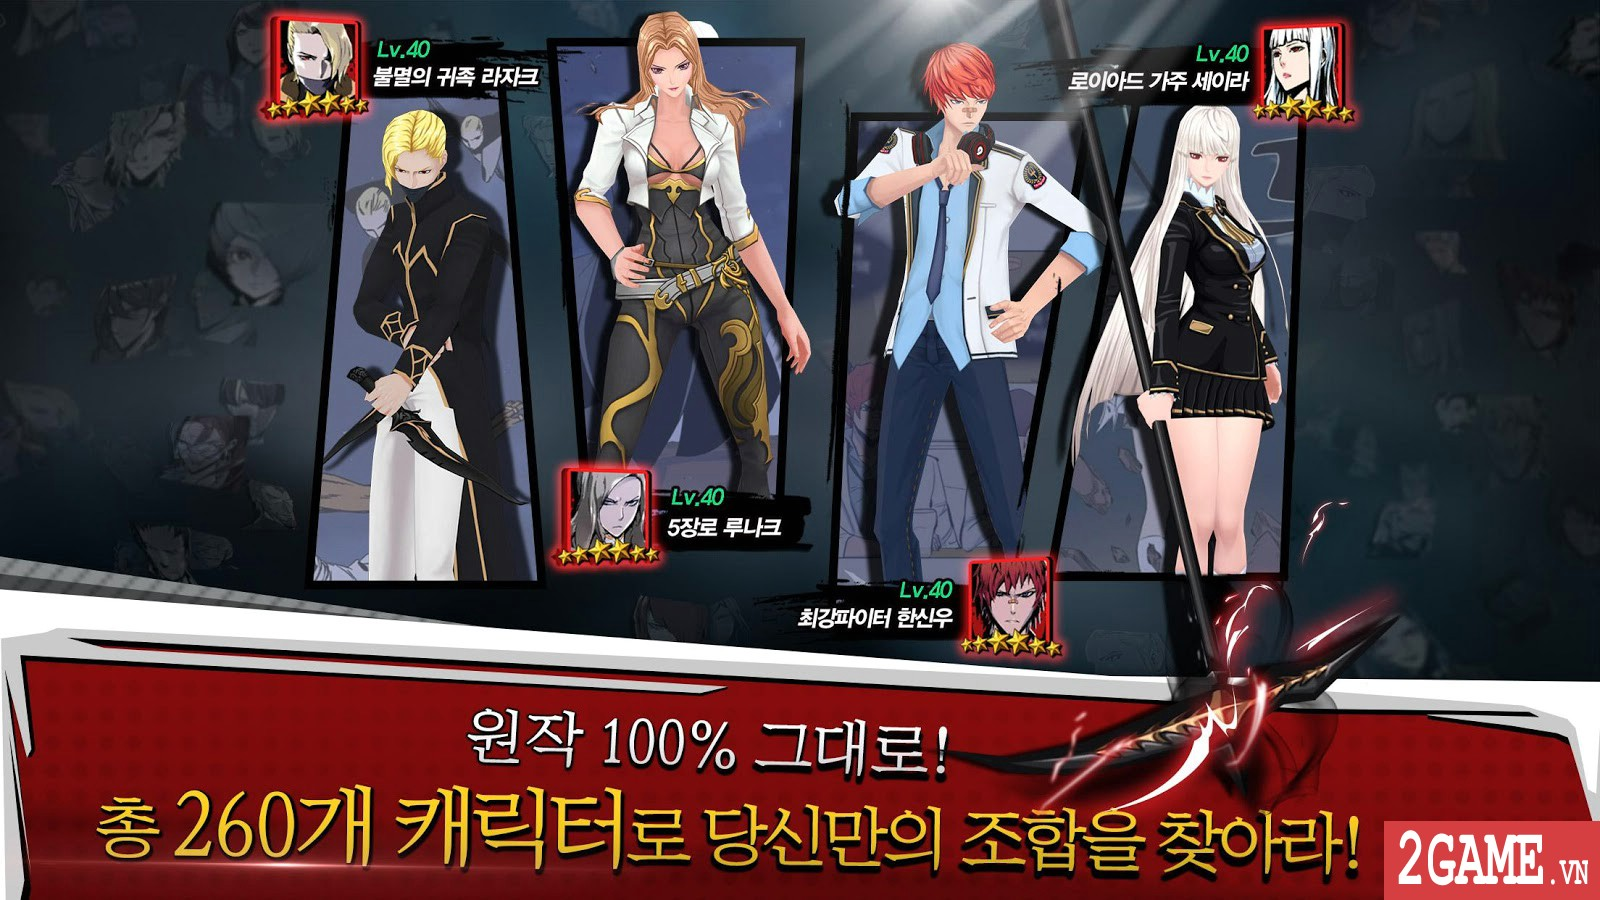 Noblesse - Game nhập vai đánh theo lượt phỏng dựng theo nguyên bản bộ truyện tranh nổi tiếng cùng tên 3